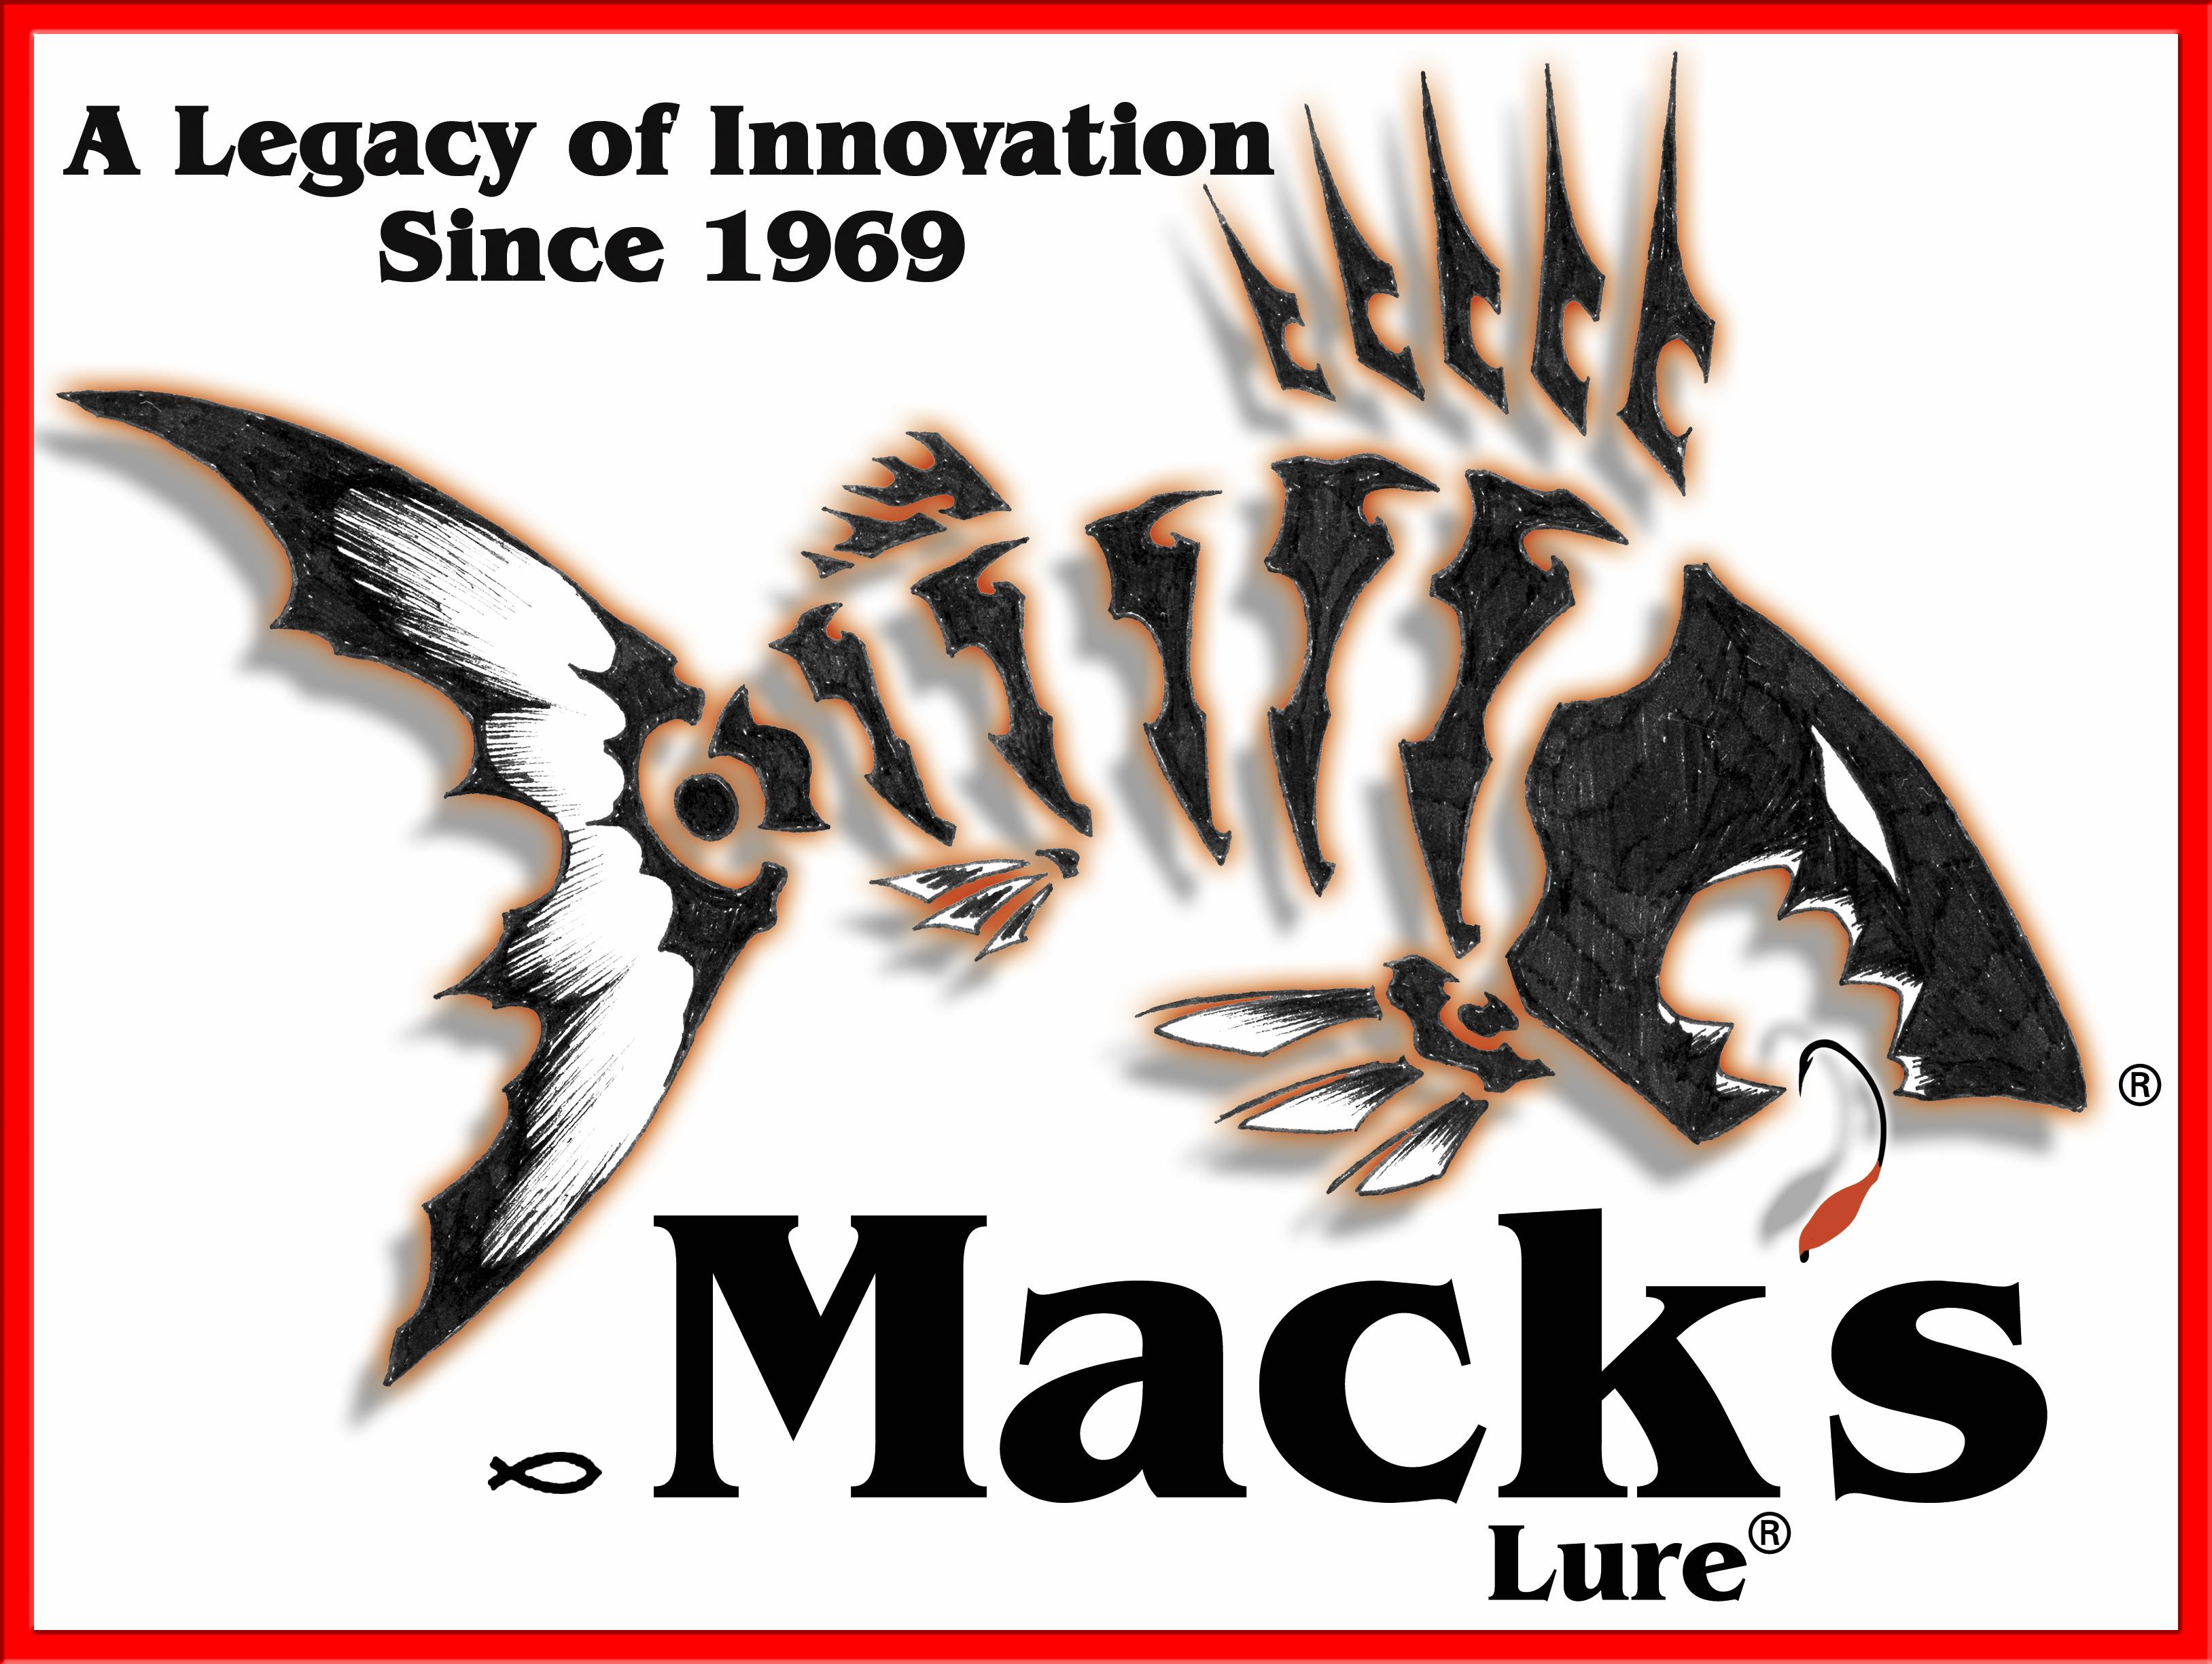 www.mackslure.com